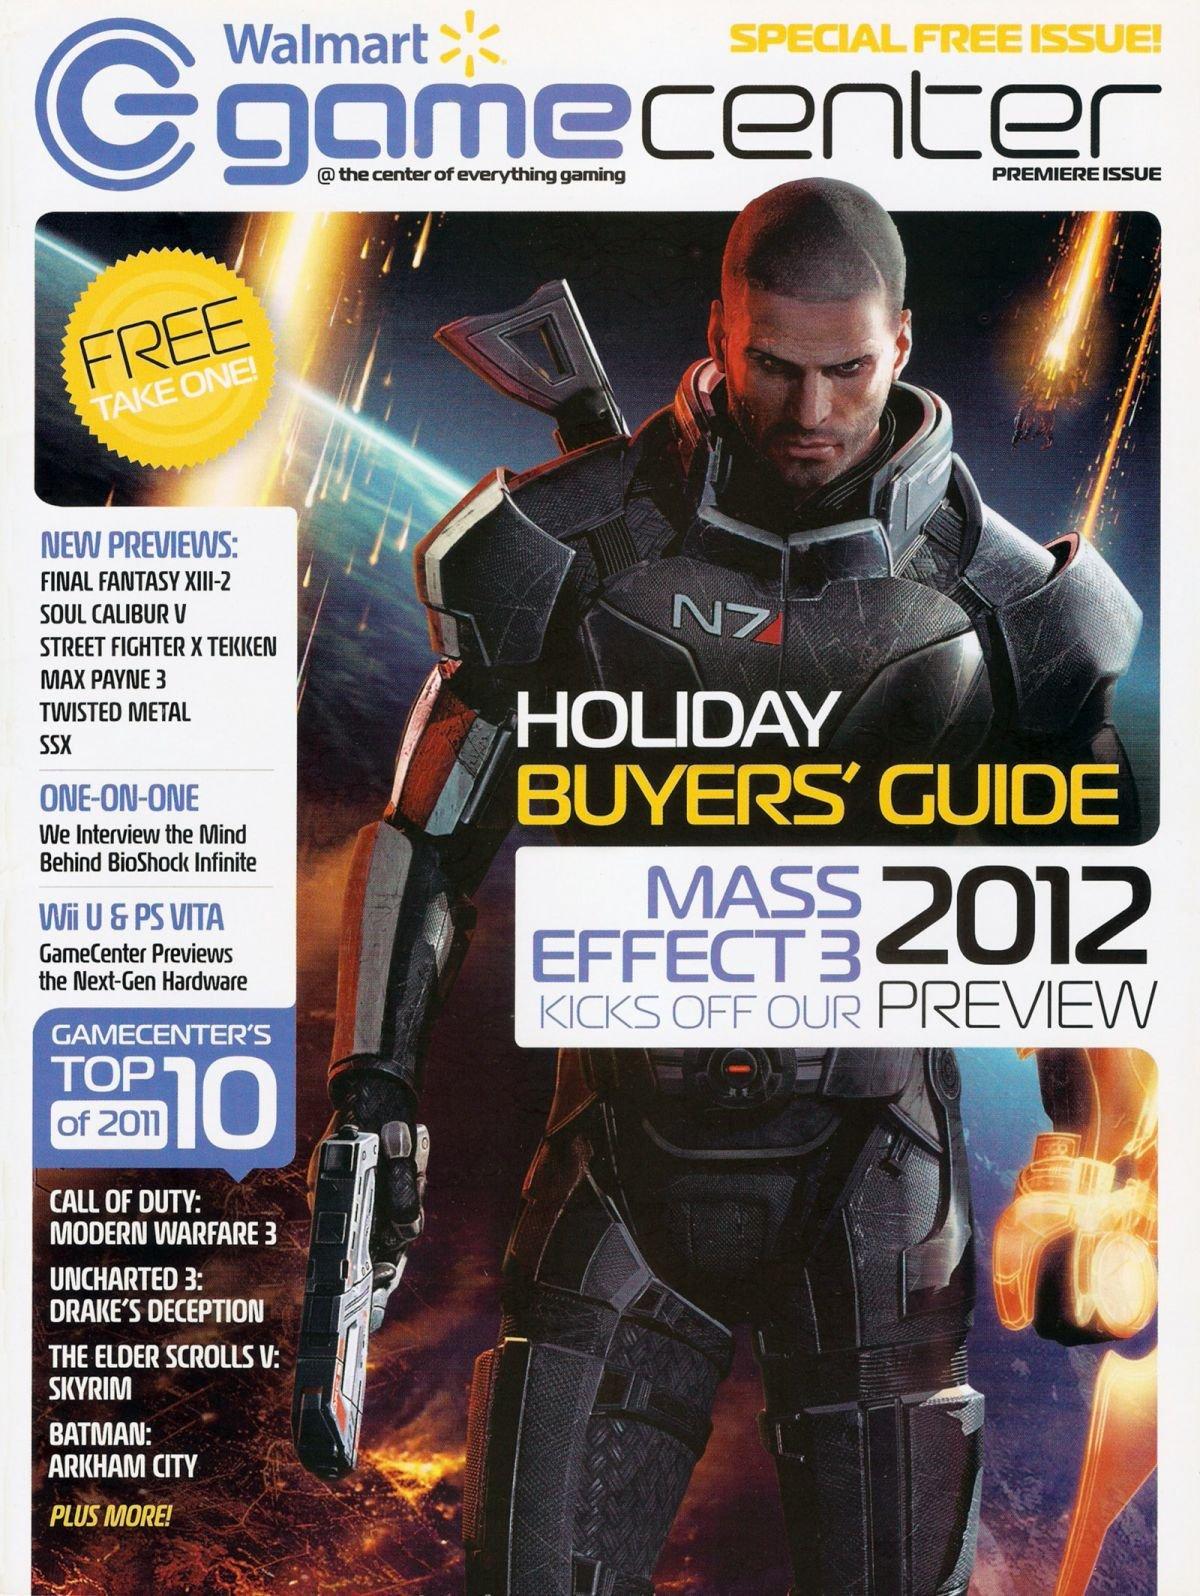 Walmart GameCenter Issue 001